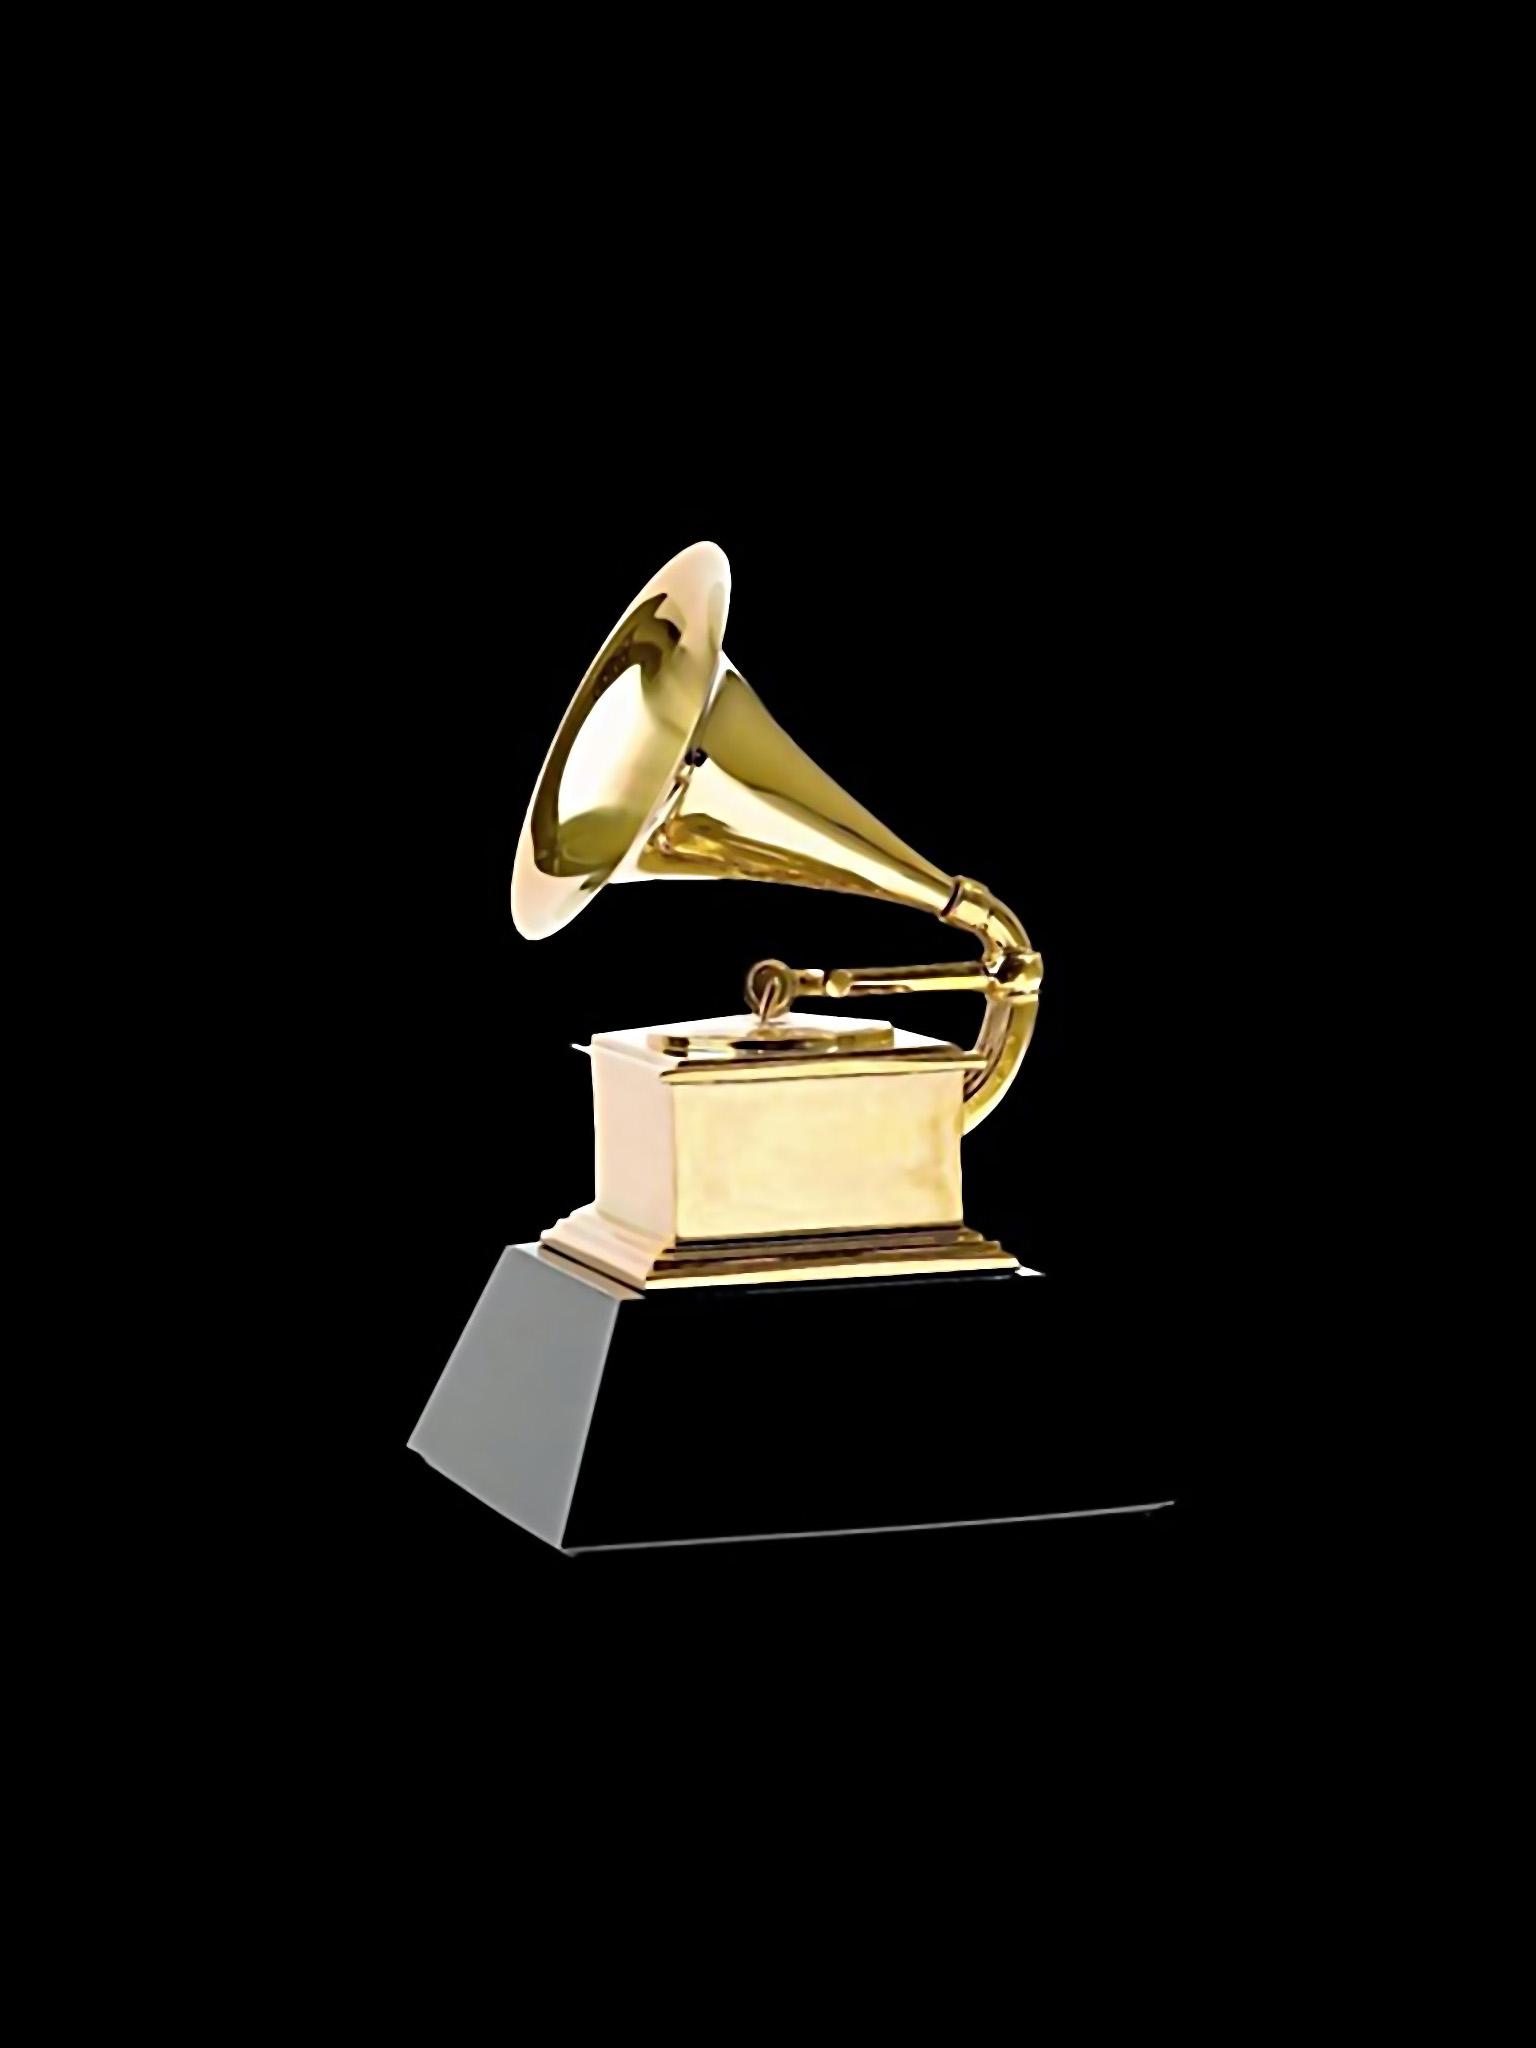 Grammy Nomination - Best Concept Music Video1988